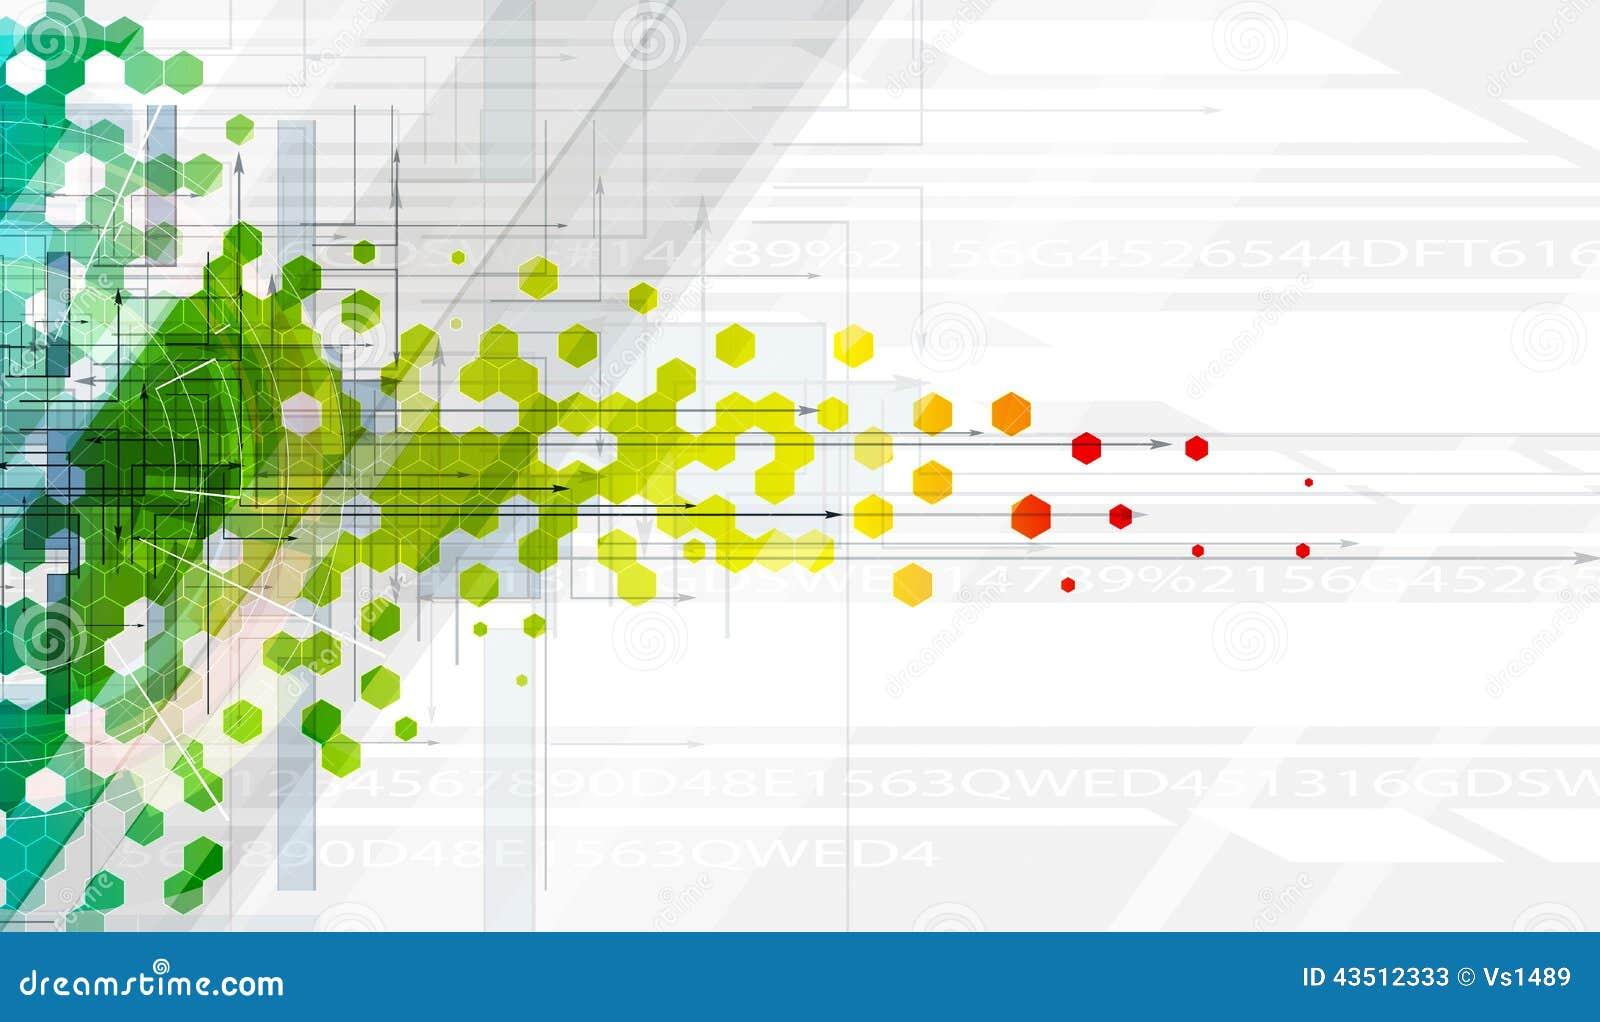 Αφηρημένο έμβλημα τεχνολογίας βασικών πληροφοριών χρώματος hexagon